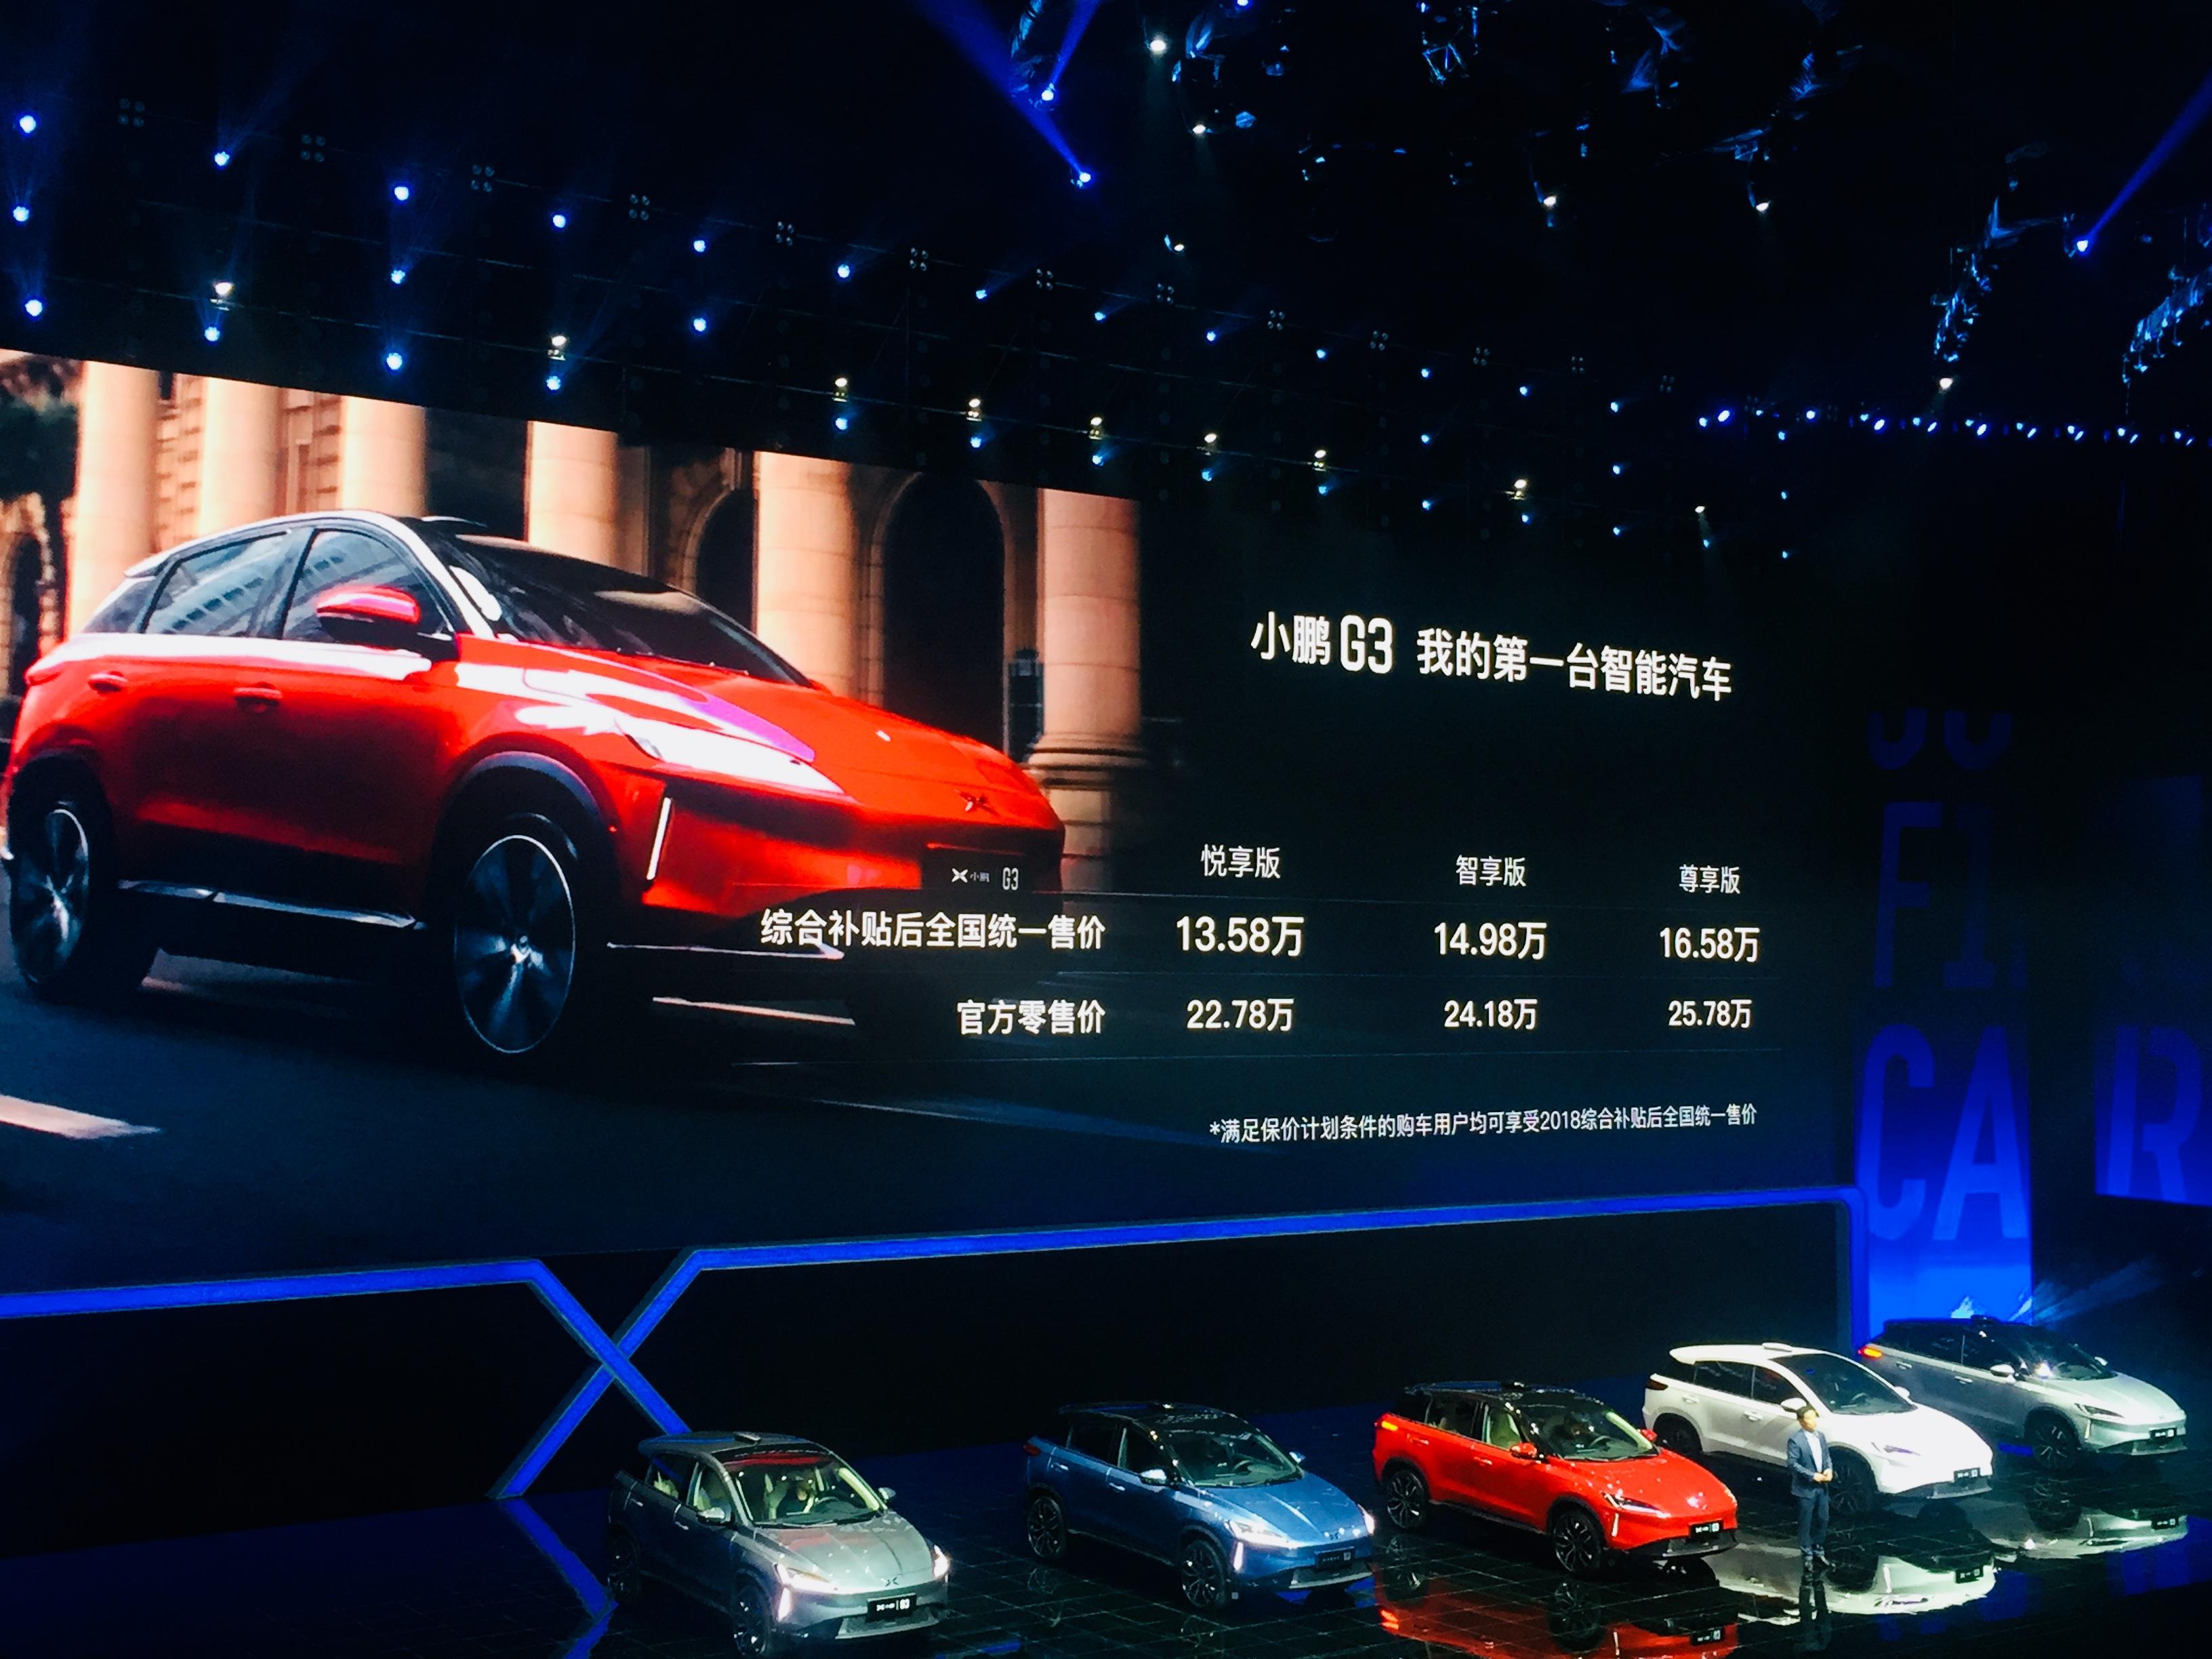 小鹏汽车G3抢先上市 综合补贴后售价13.58万元起